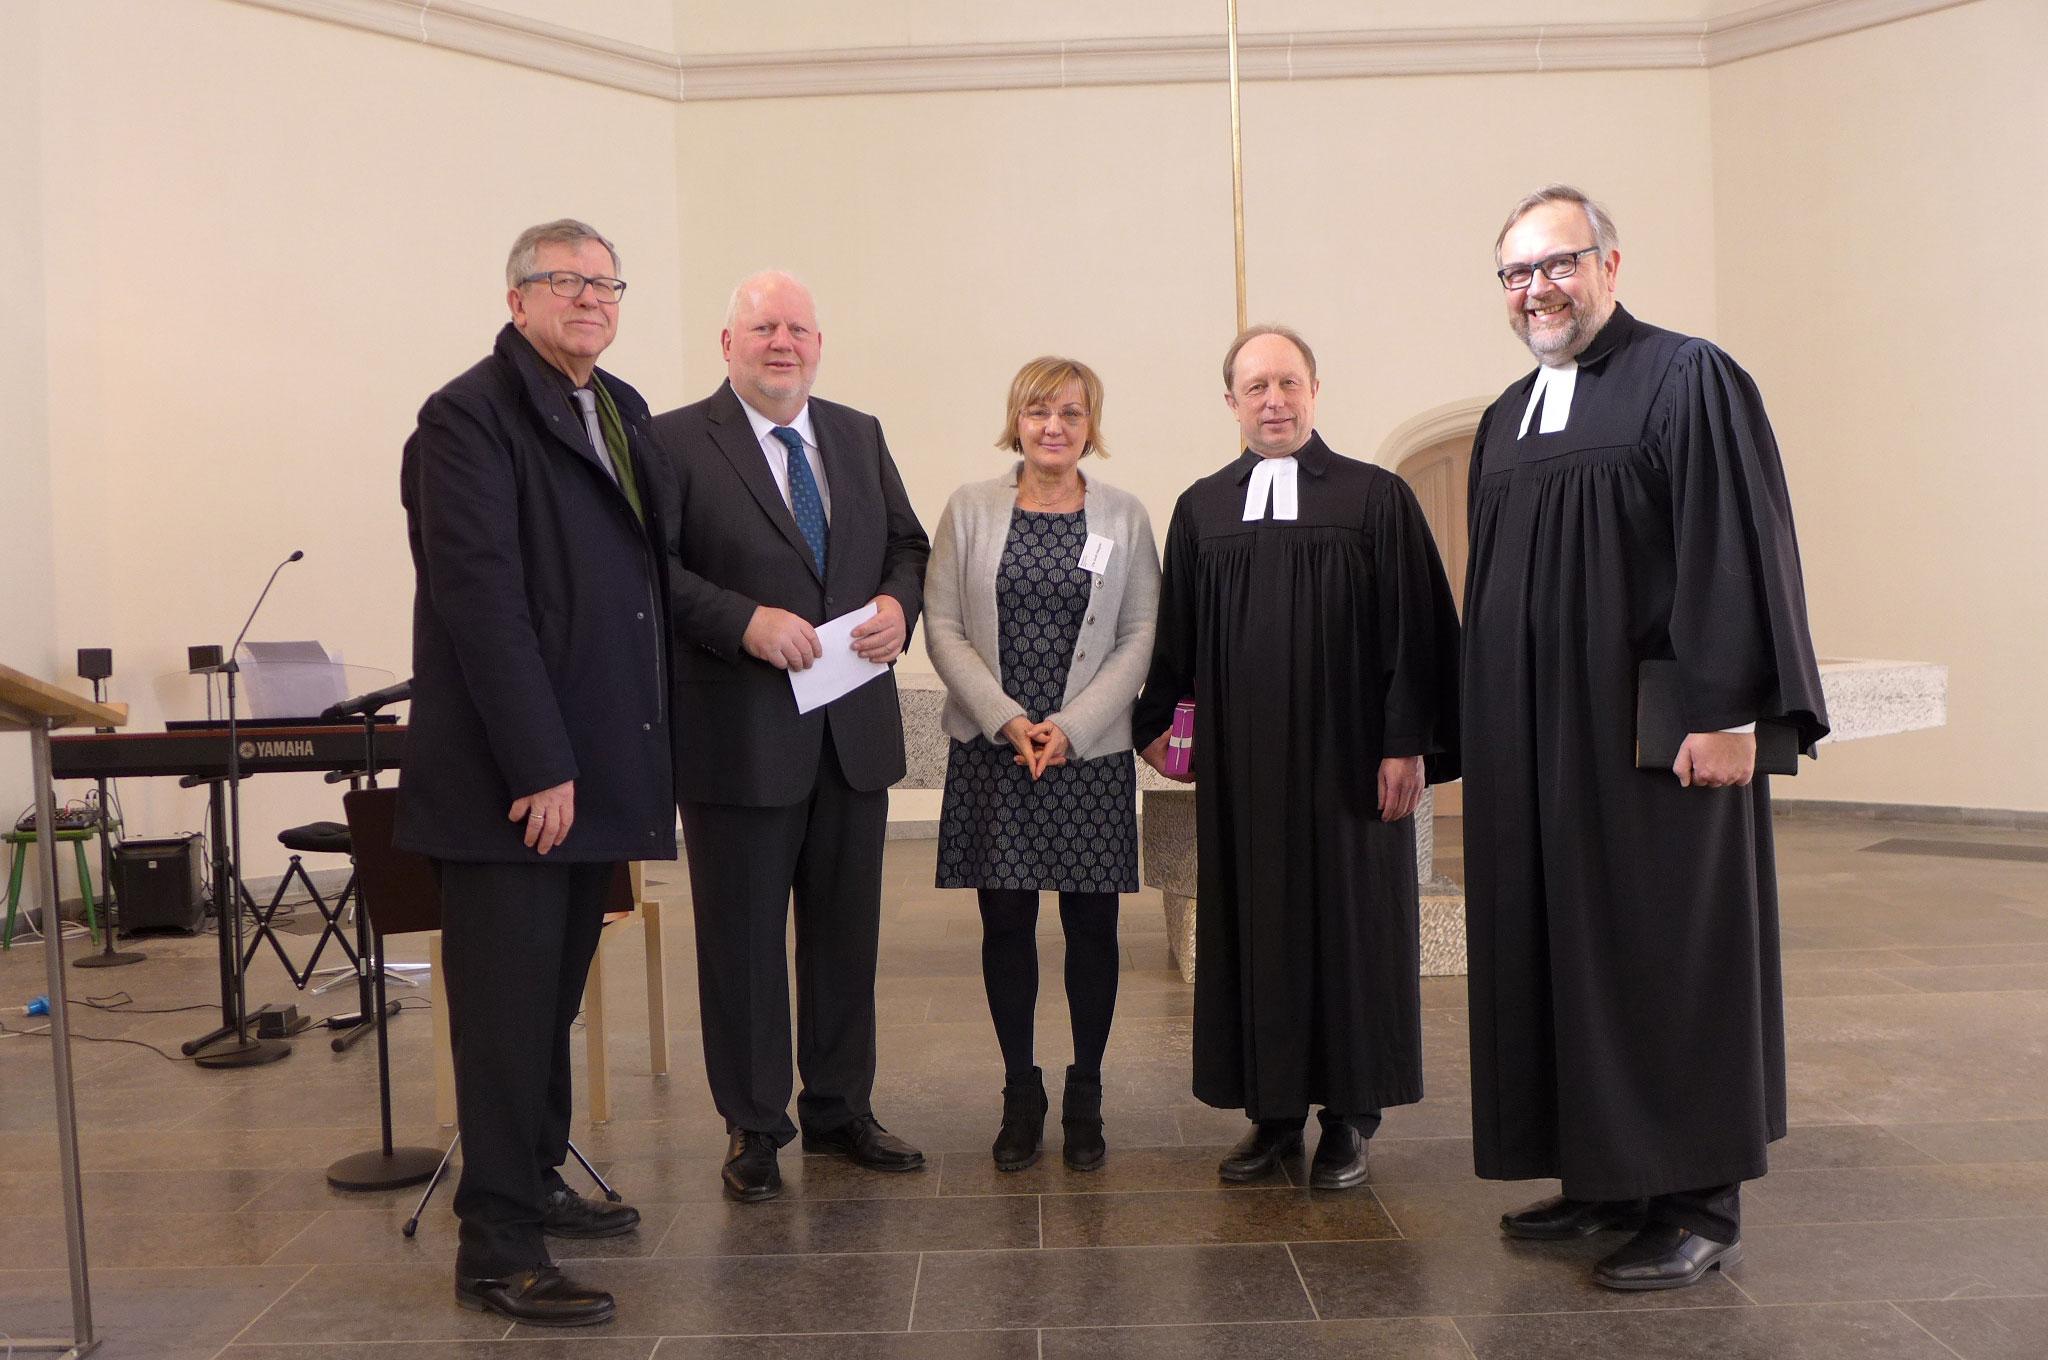 Gottesdienst mit Propst Schmidt, Pfarrer Sandori, Ute Kroll-Naujoks , Holger Claes und Herrn Knapp